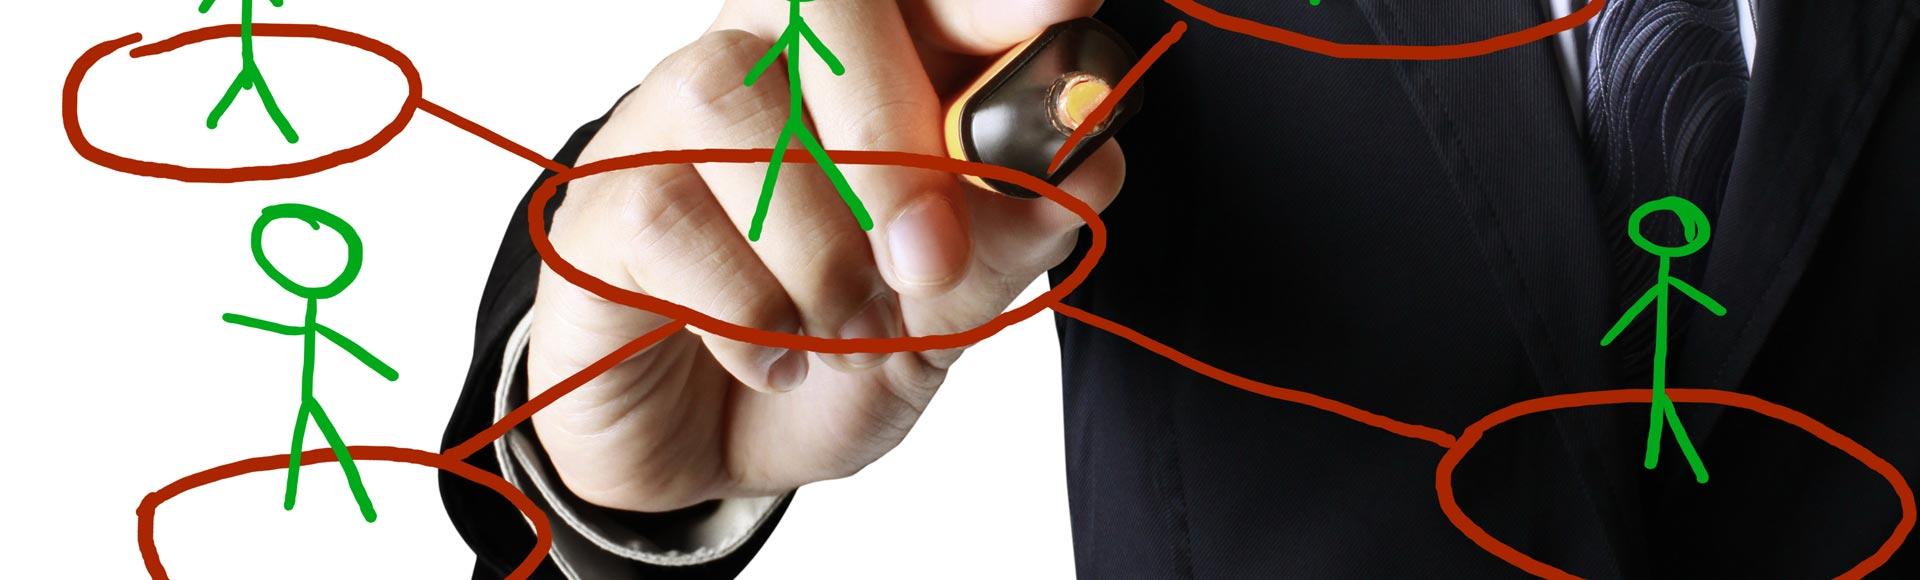 En-redados, las conexiones en la RED sobre Insurance innovation & Talent Transformation